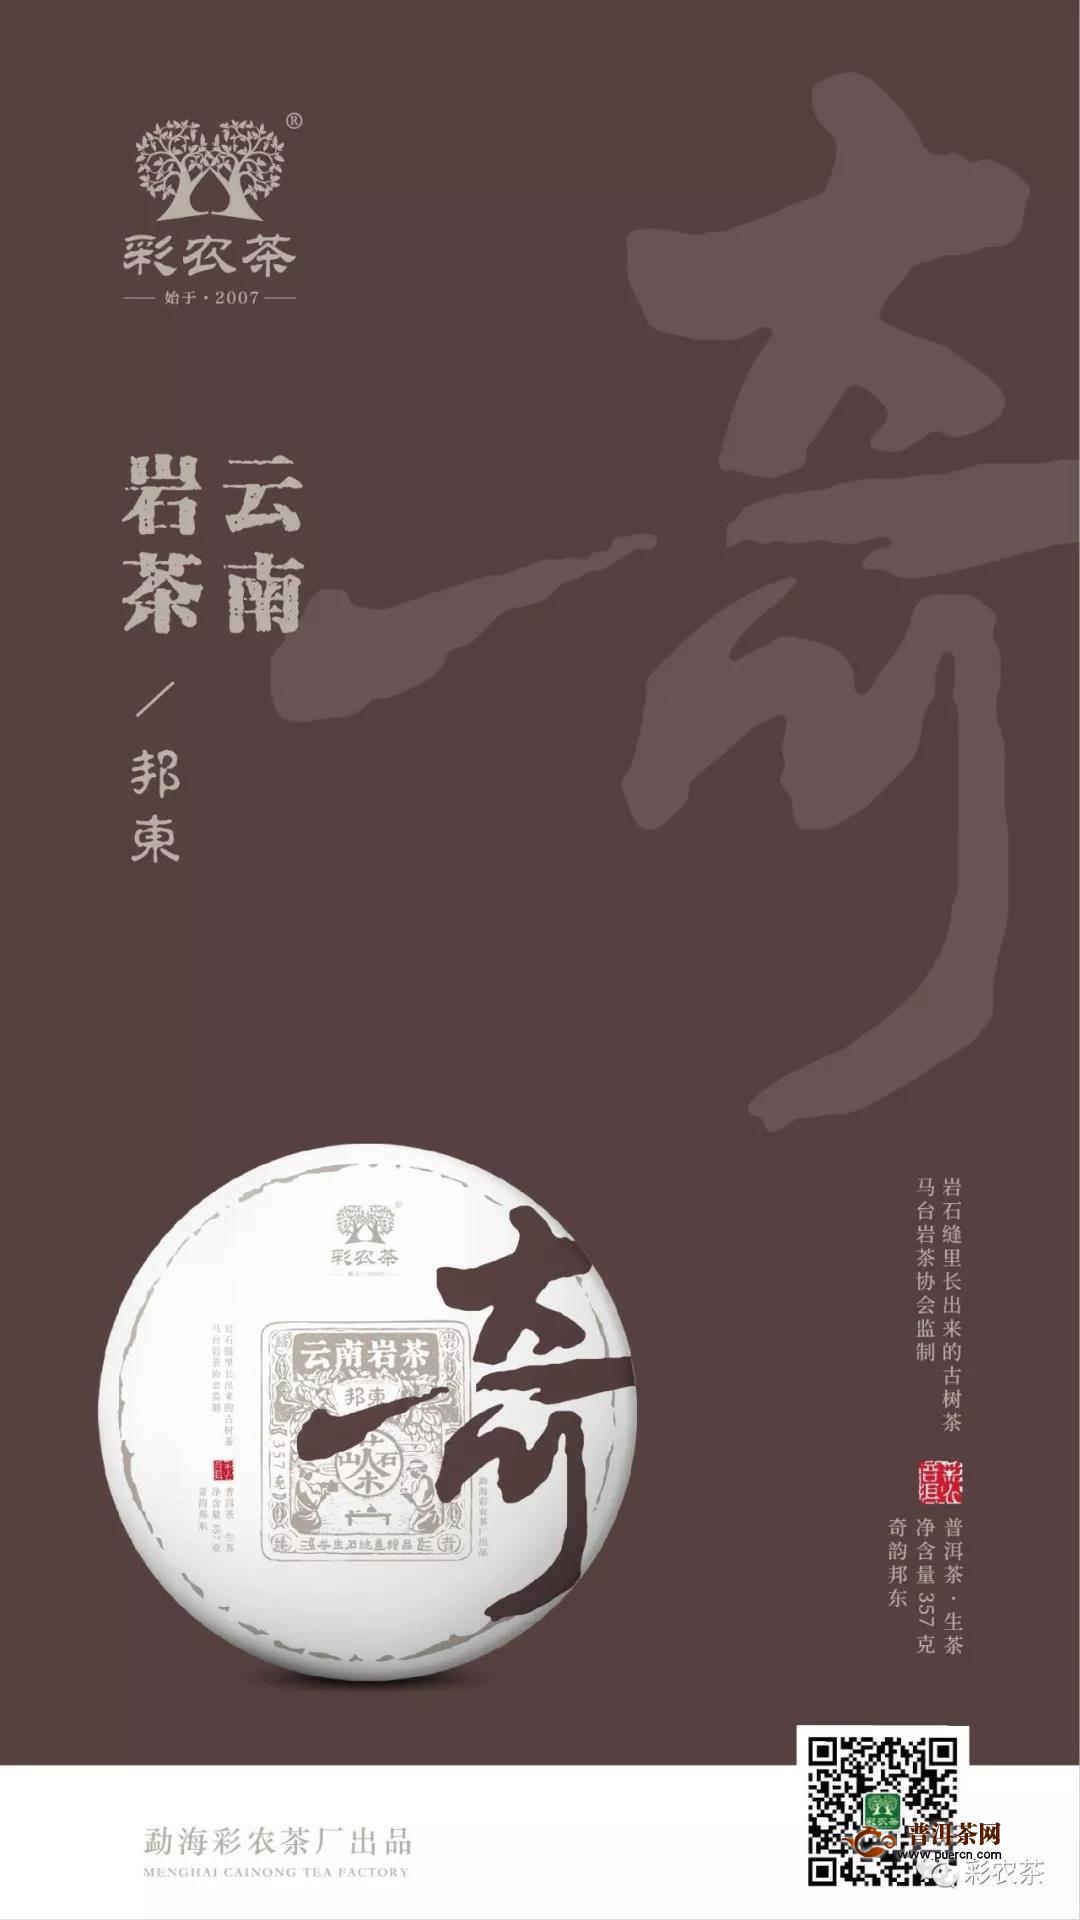 奇妙的云南岩茶(二):奇韵邦东